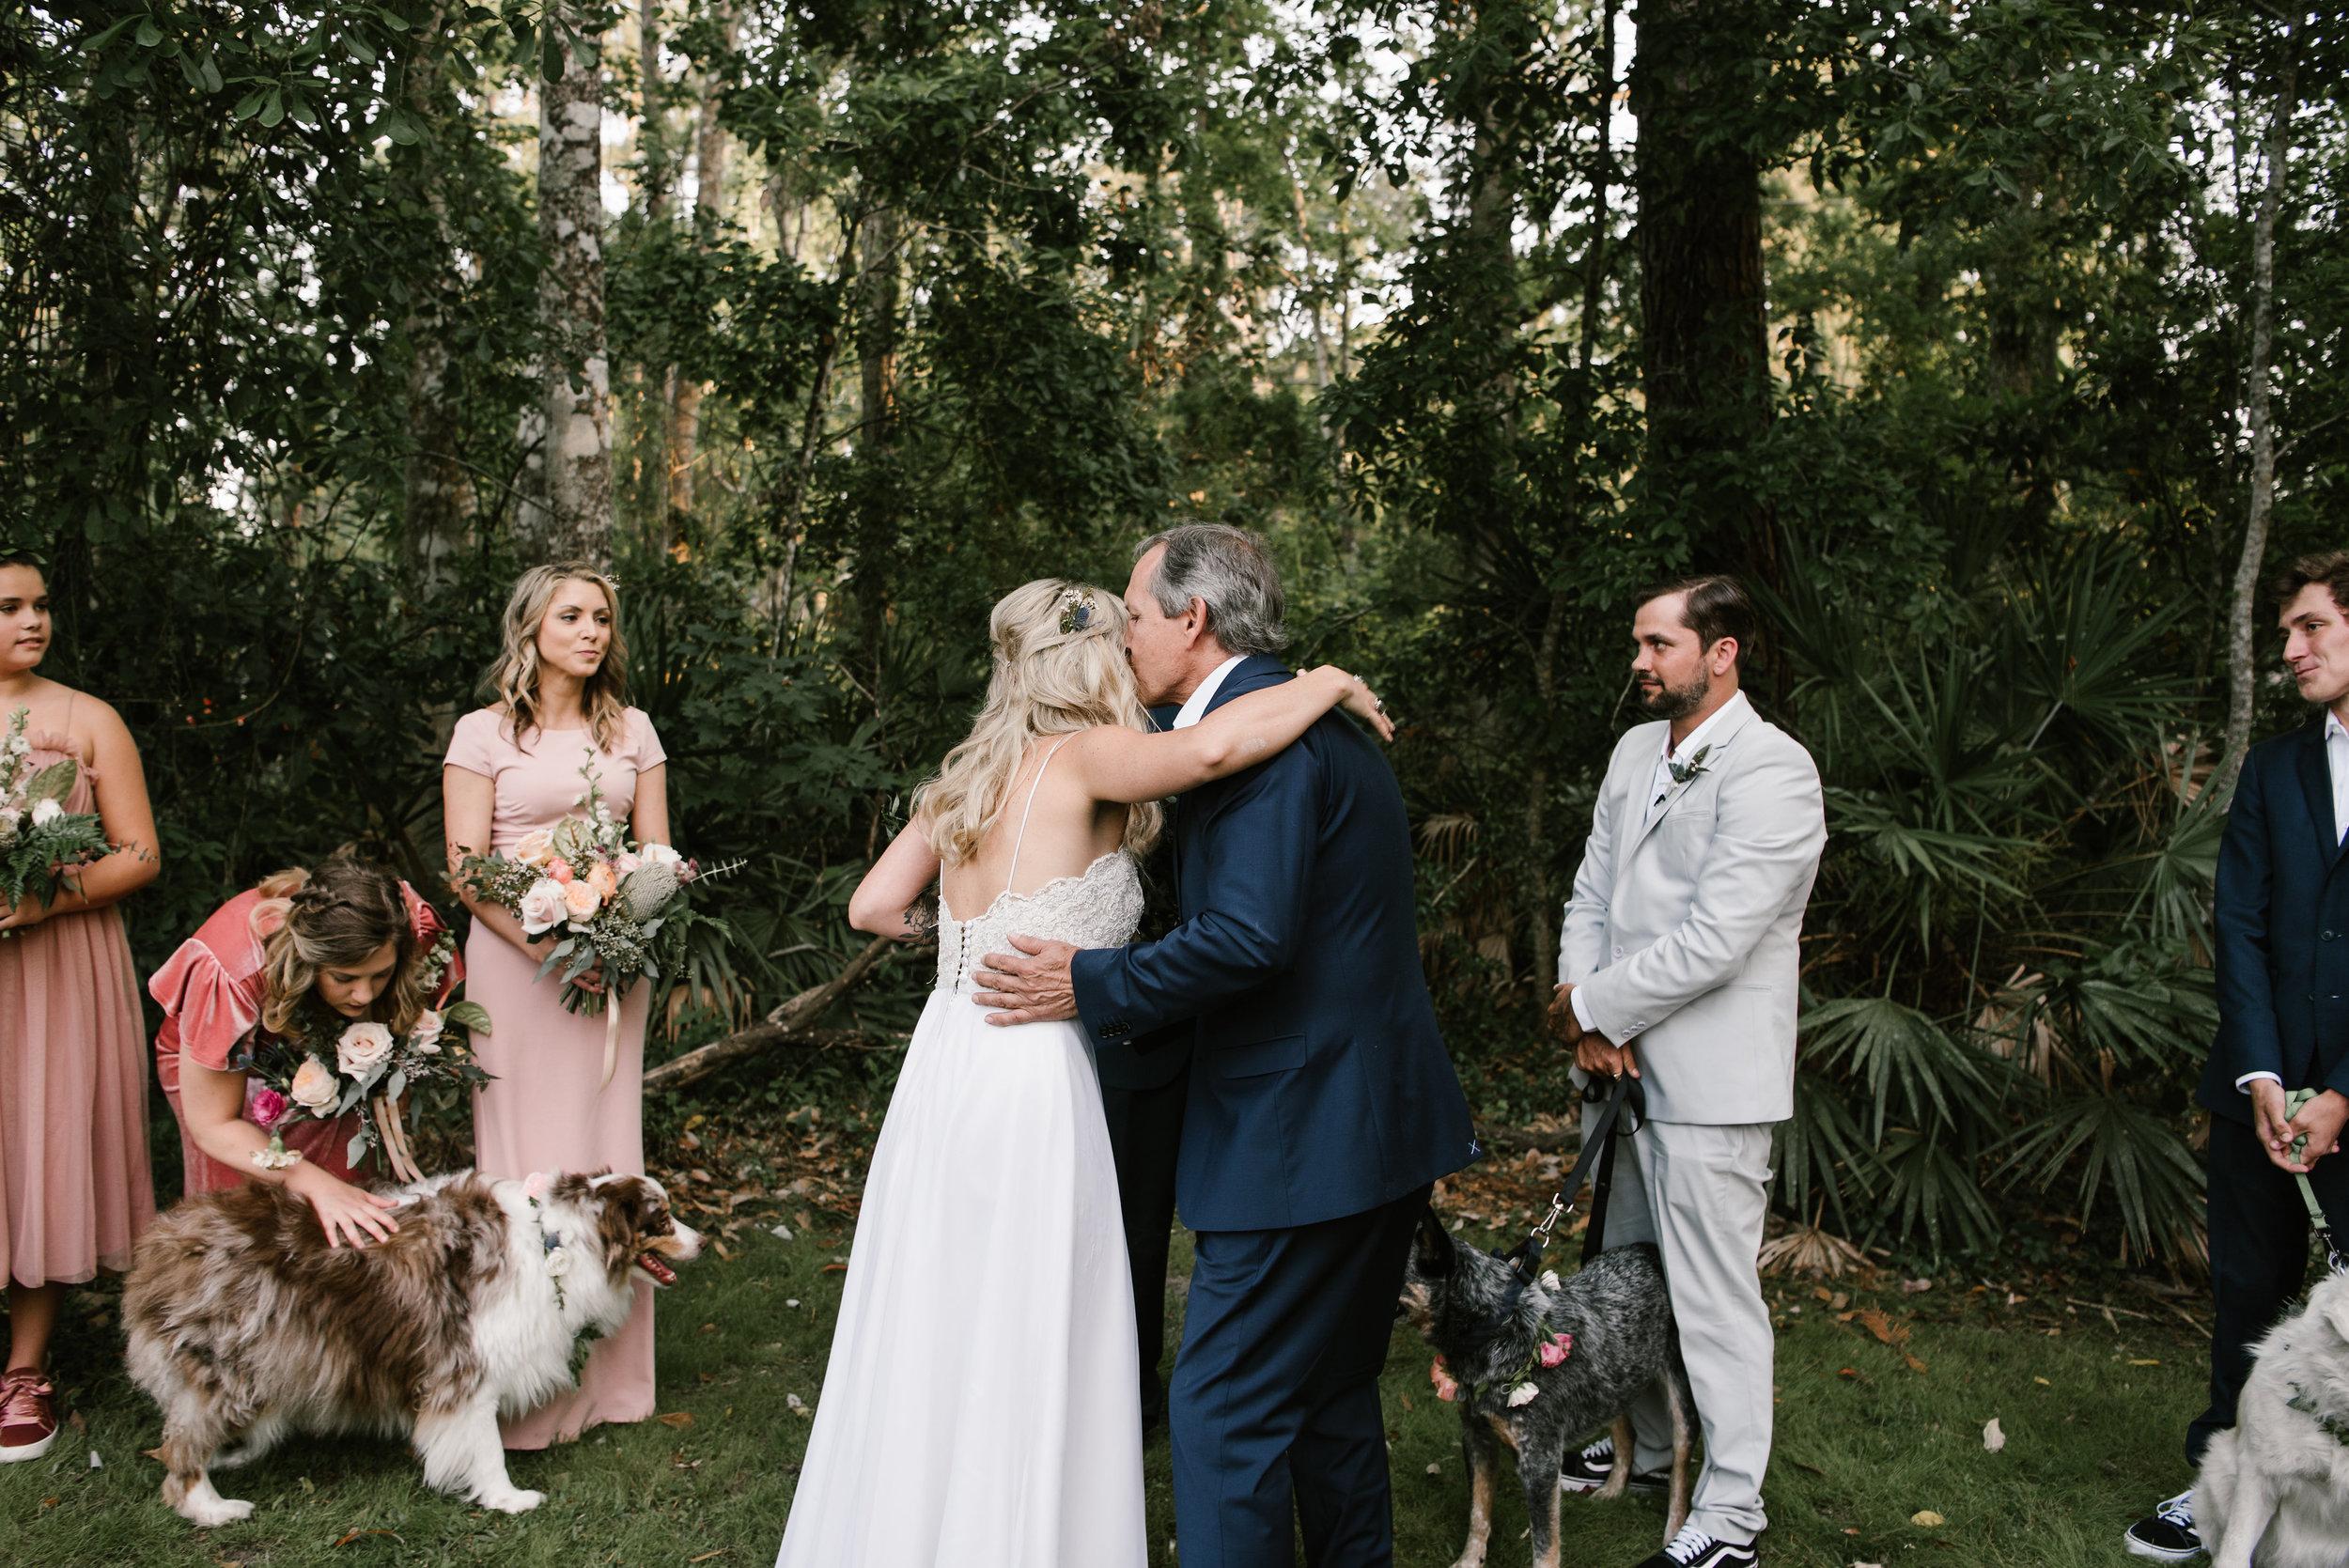 michelle-ronnie-backyard-wedding-468.jpg